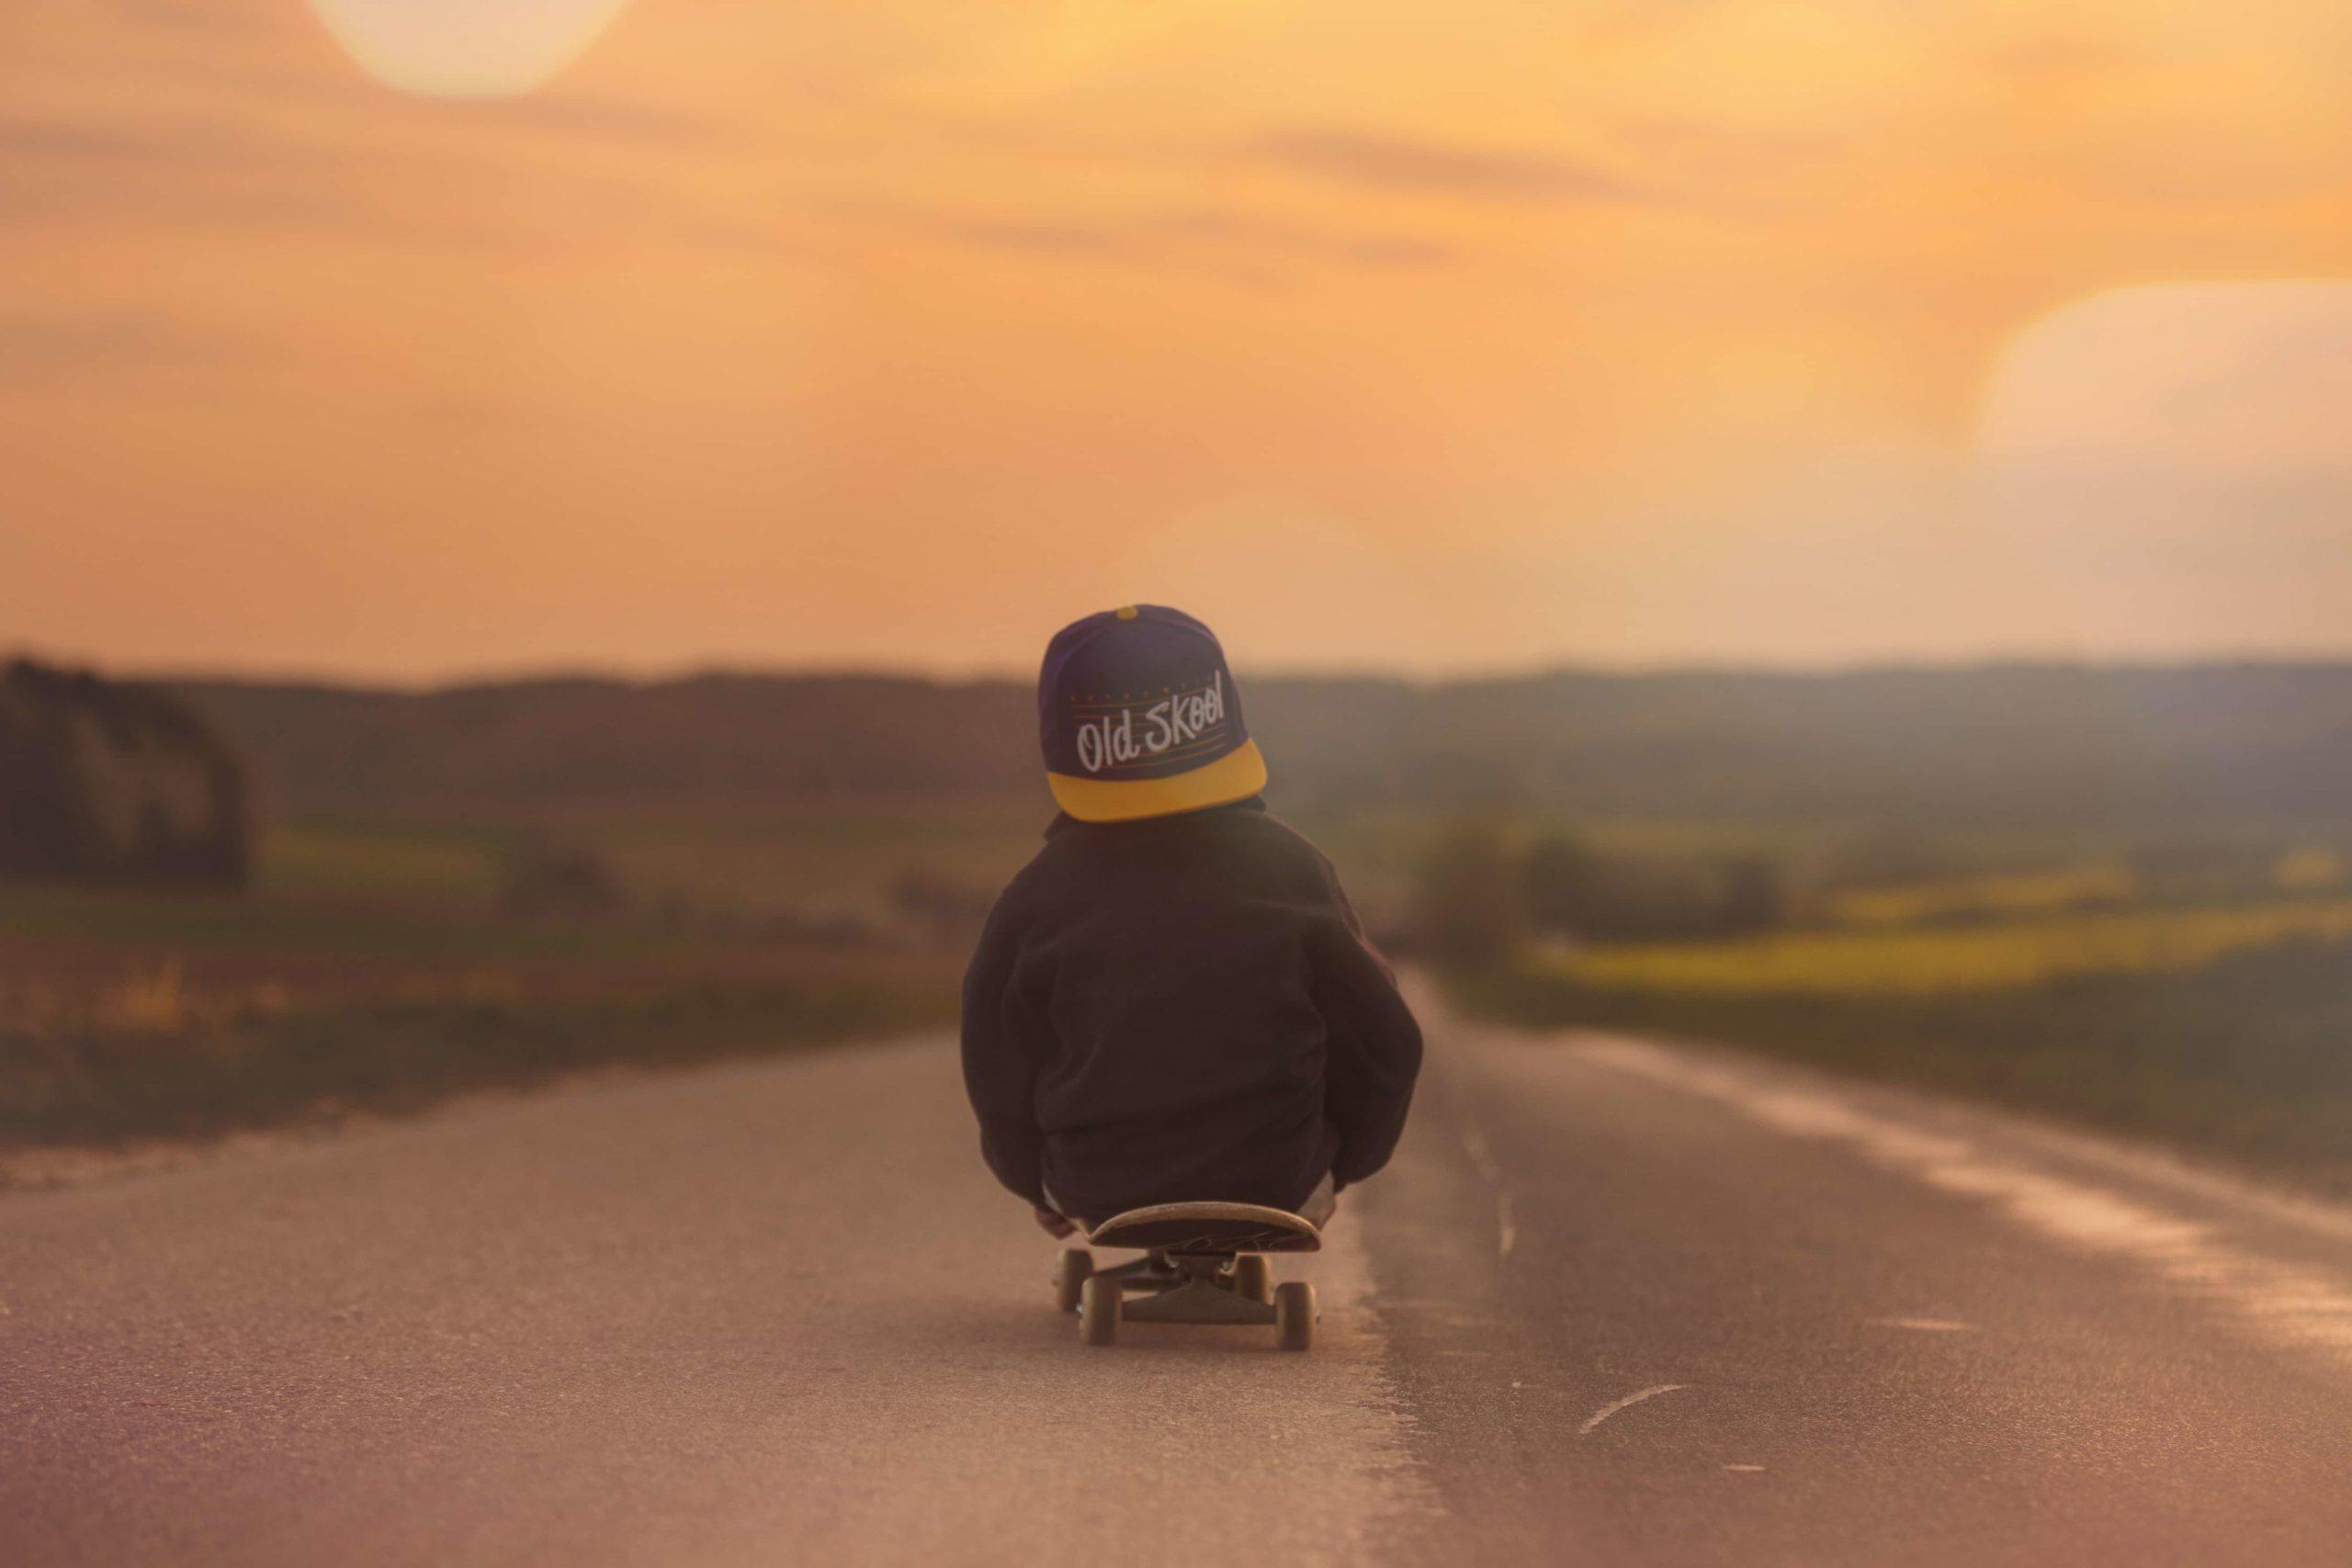 夕暮れの道でスケートボードに座り込む男の子